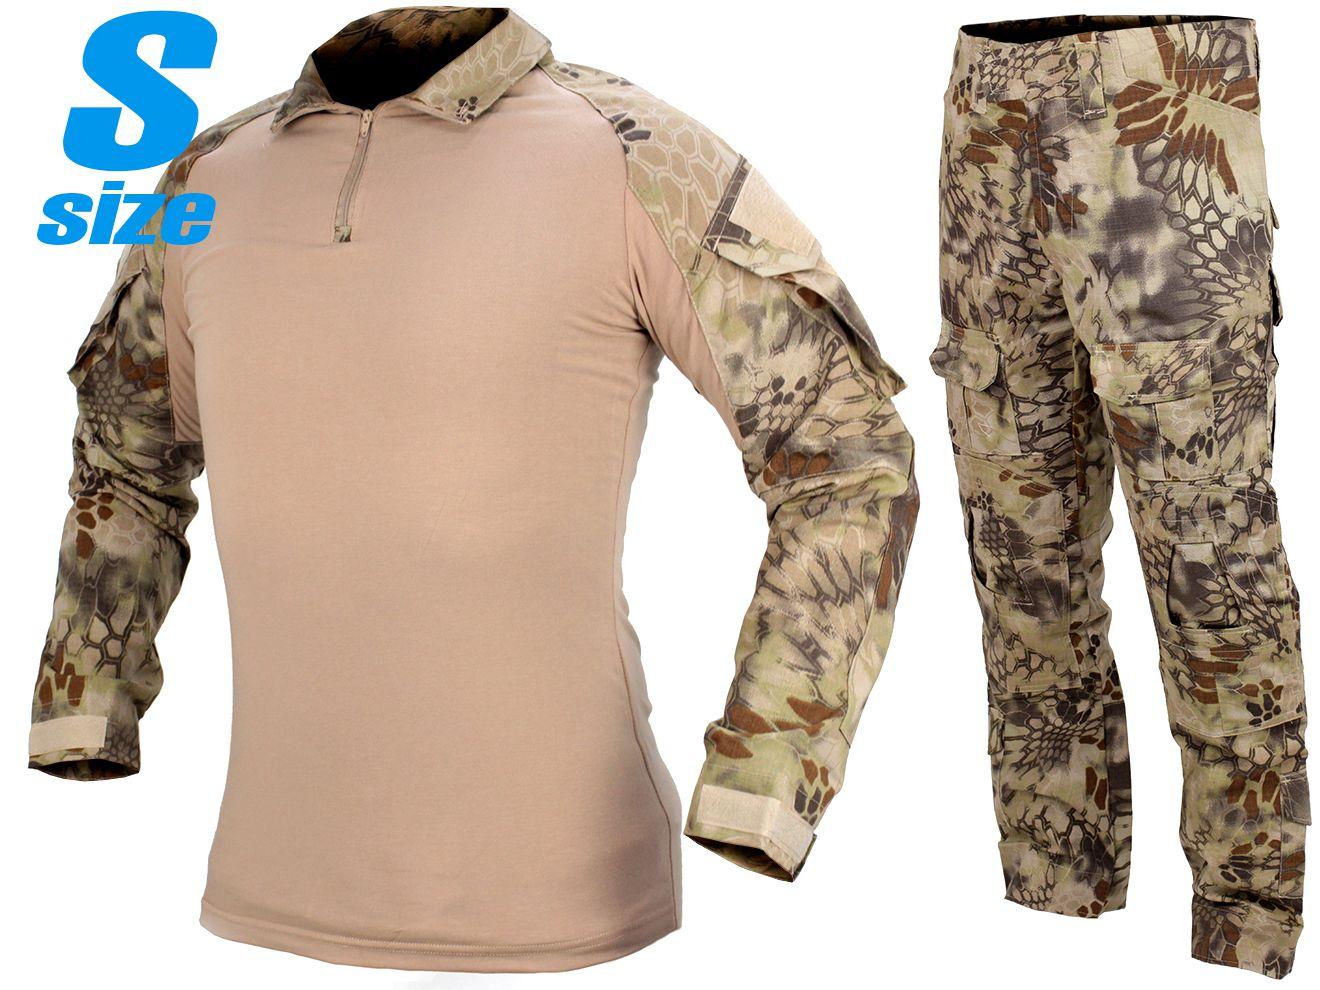 G2 スタイル コンバットシャツ&パンツセット S-Size / Regular ハイランダー◆ネイビーシールズ採用迷彩を再現!KRYPTEK迷彩風 クリプテック Cryeタイプ サバゲ 装備 BDU コスプレに